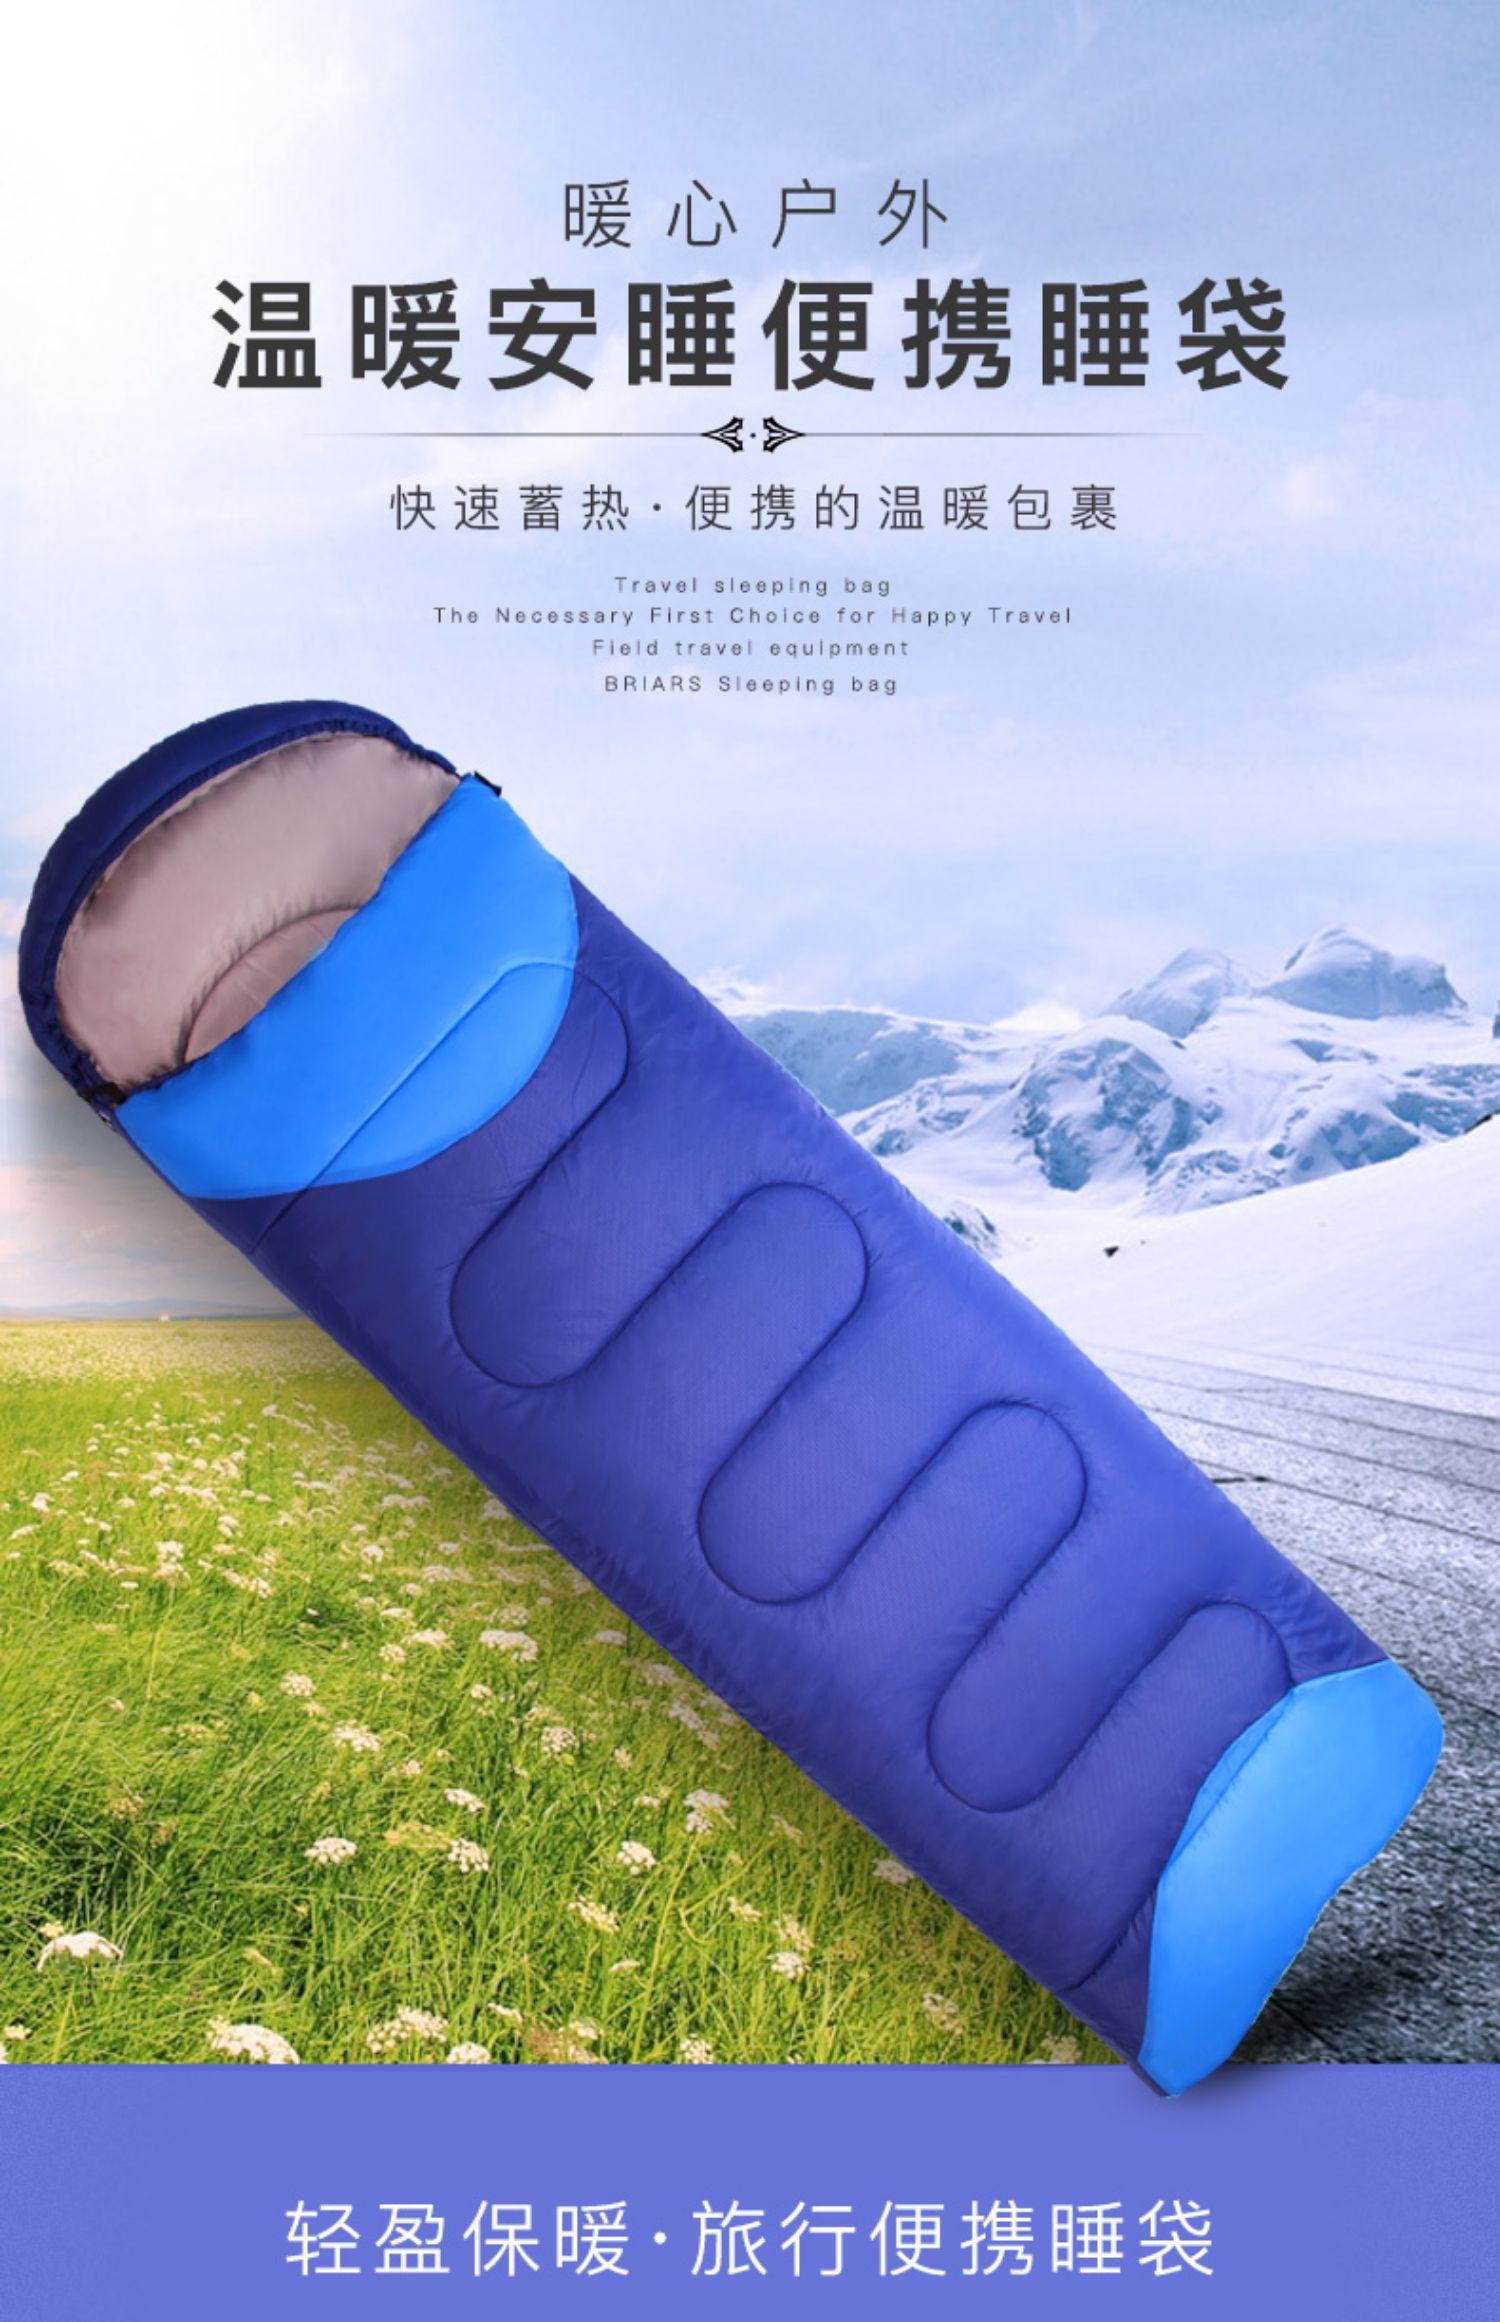 蓓安适棉睡袋成人户外旅行秋冬加厚保暖睡袋大人便携睡袋露营防寒商品详情图